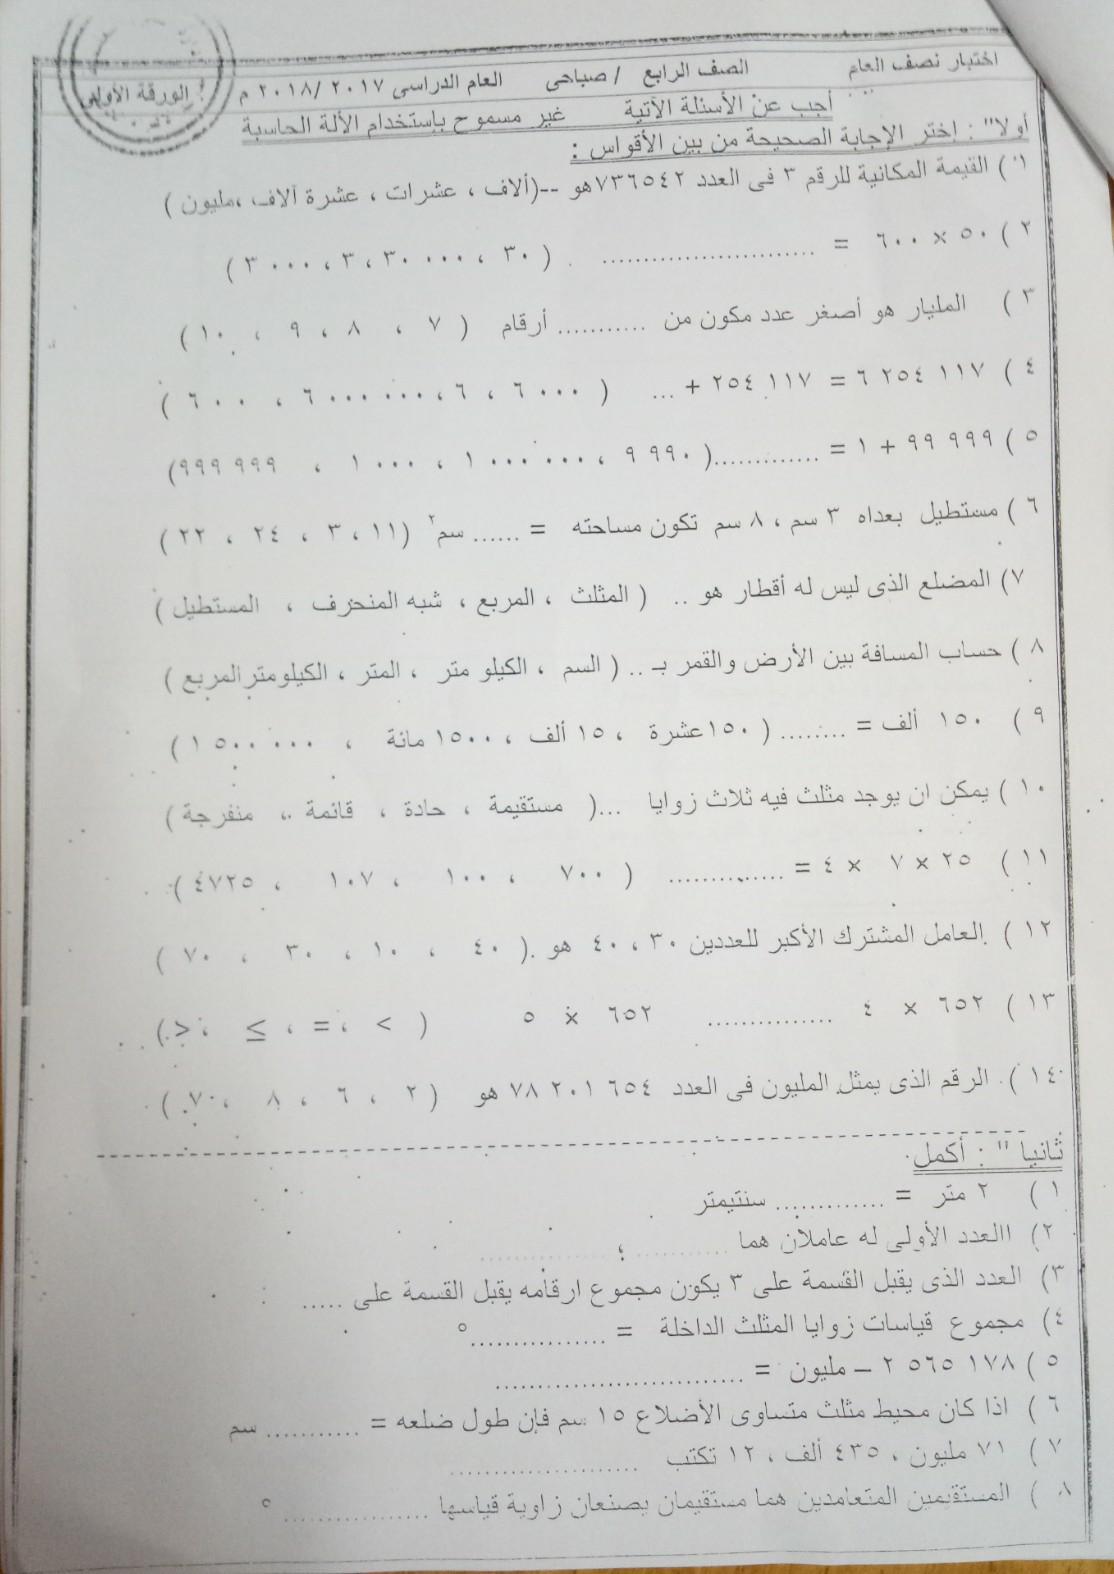 ورق إمتحانات الرياضيات للصف الرابع الابتدائي ترم أول